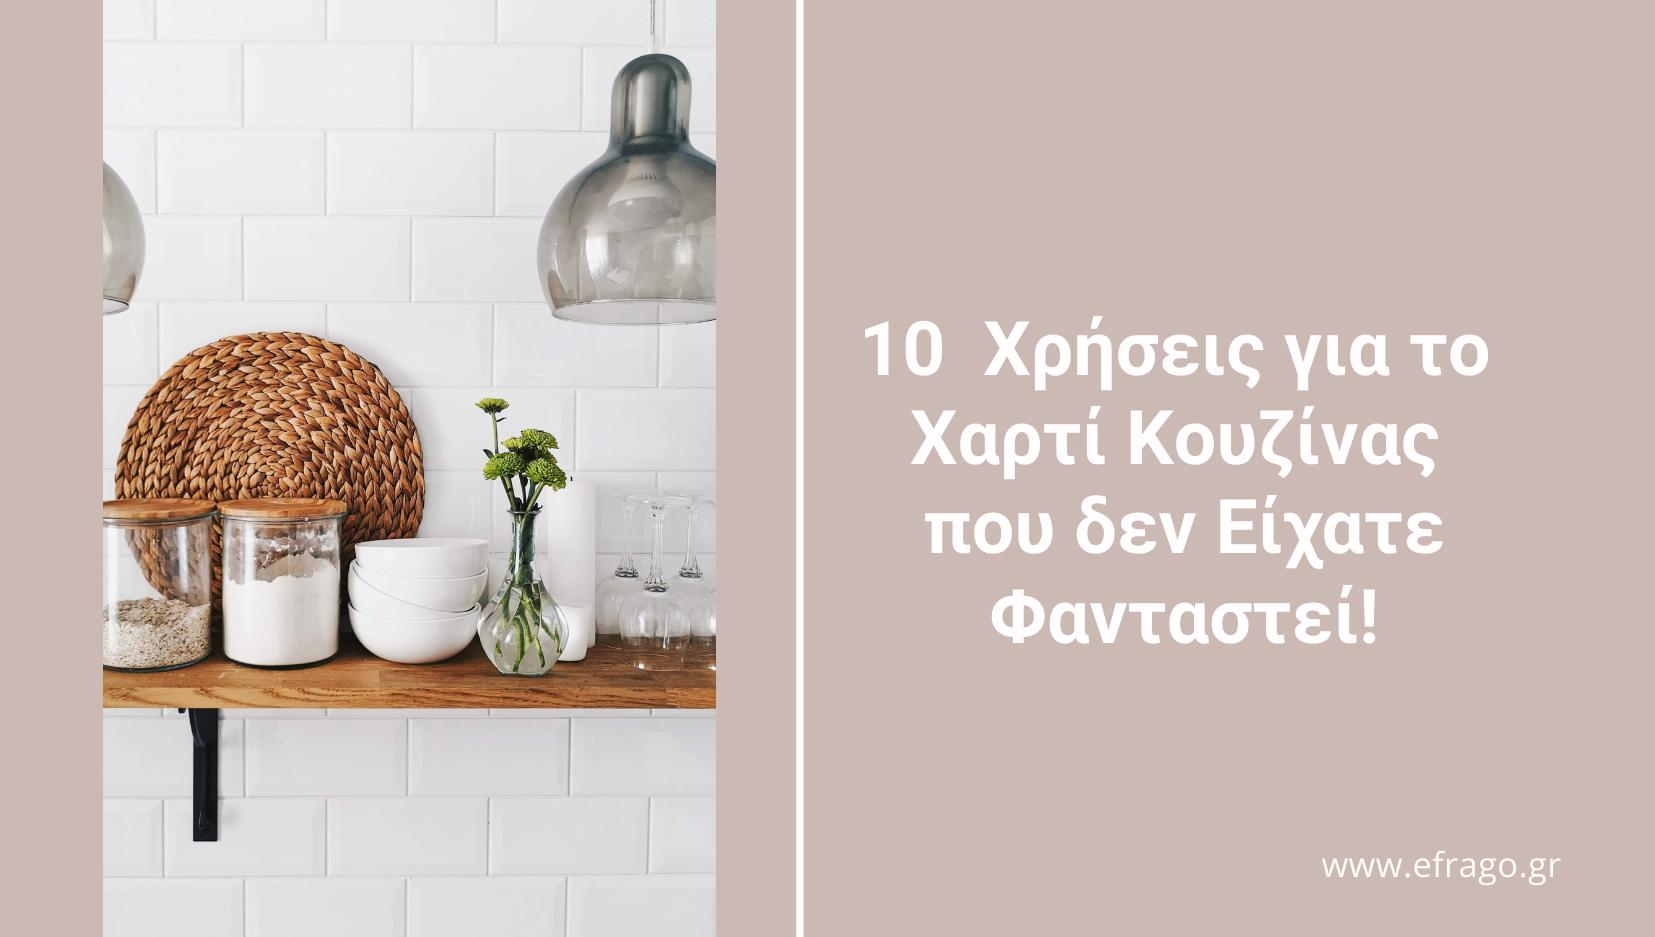 10 Εναλλακτικές Χρήσεις για το Χαρτί Κουζίνας που δεν Είχατε Φανταστεί!